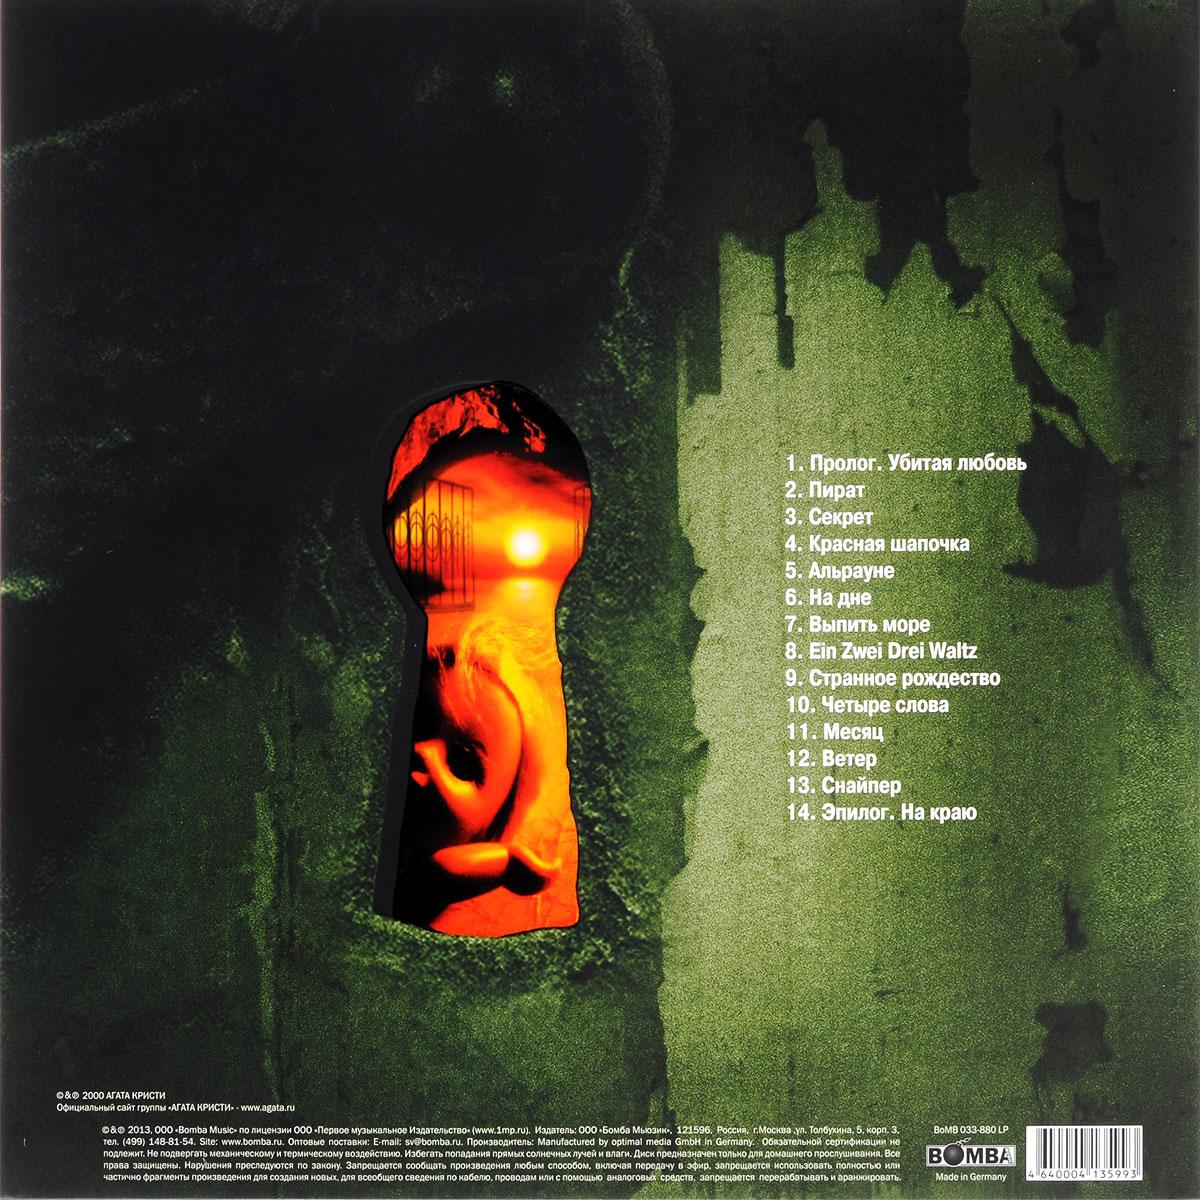 Агата Кристи.  Майн КайфИ (LP) Bomba Music